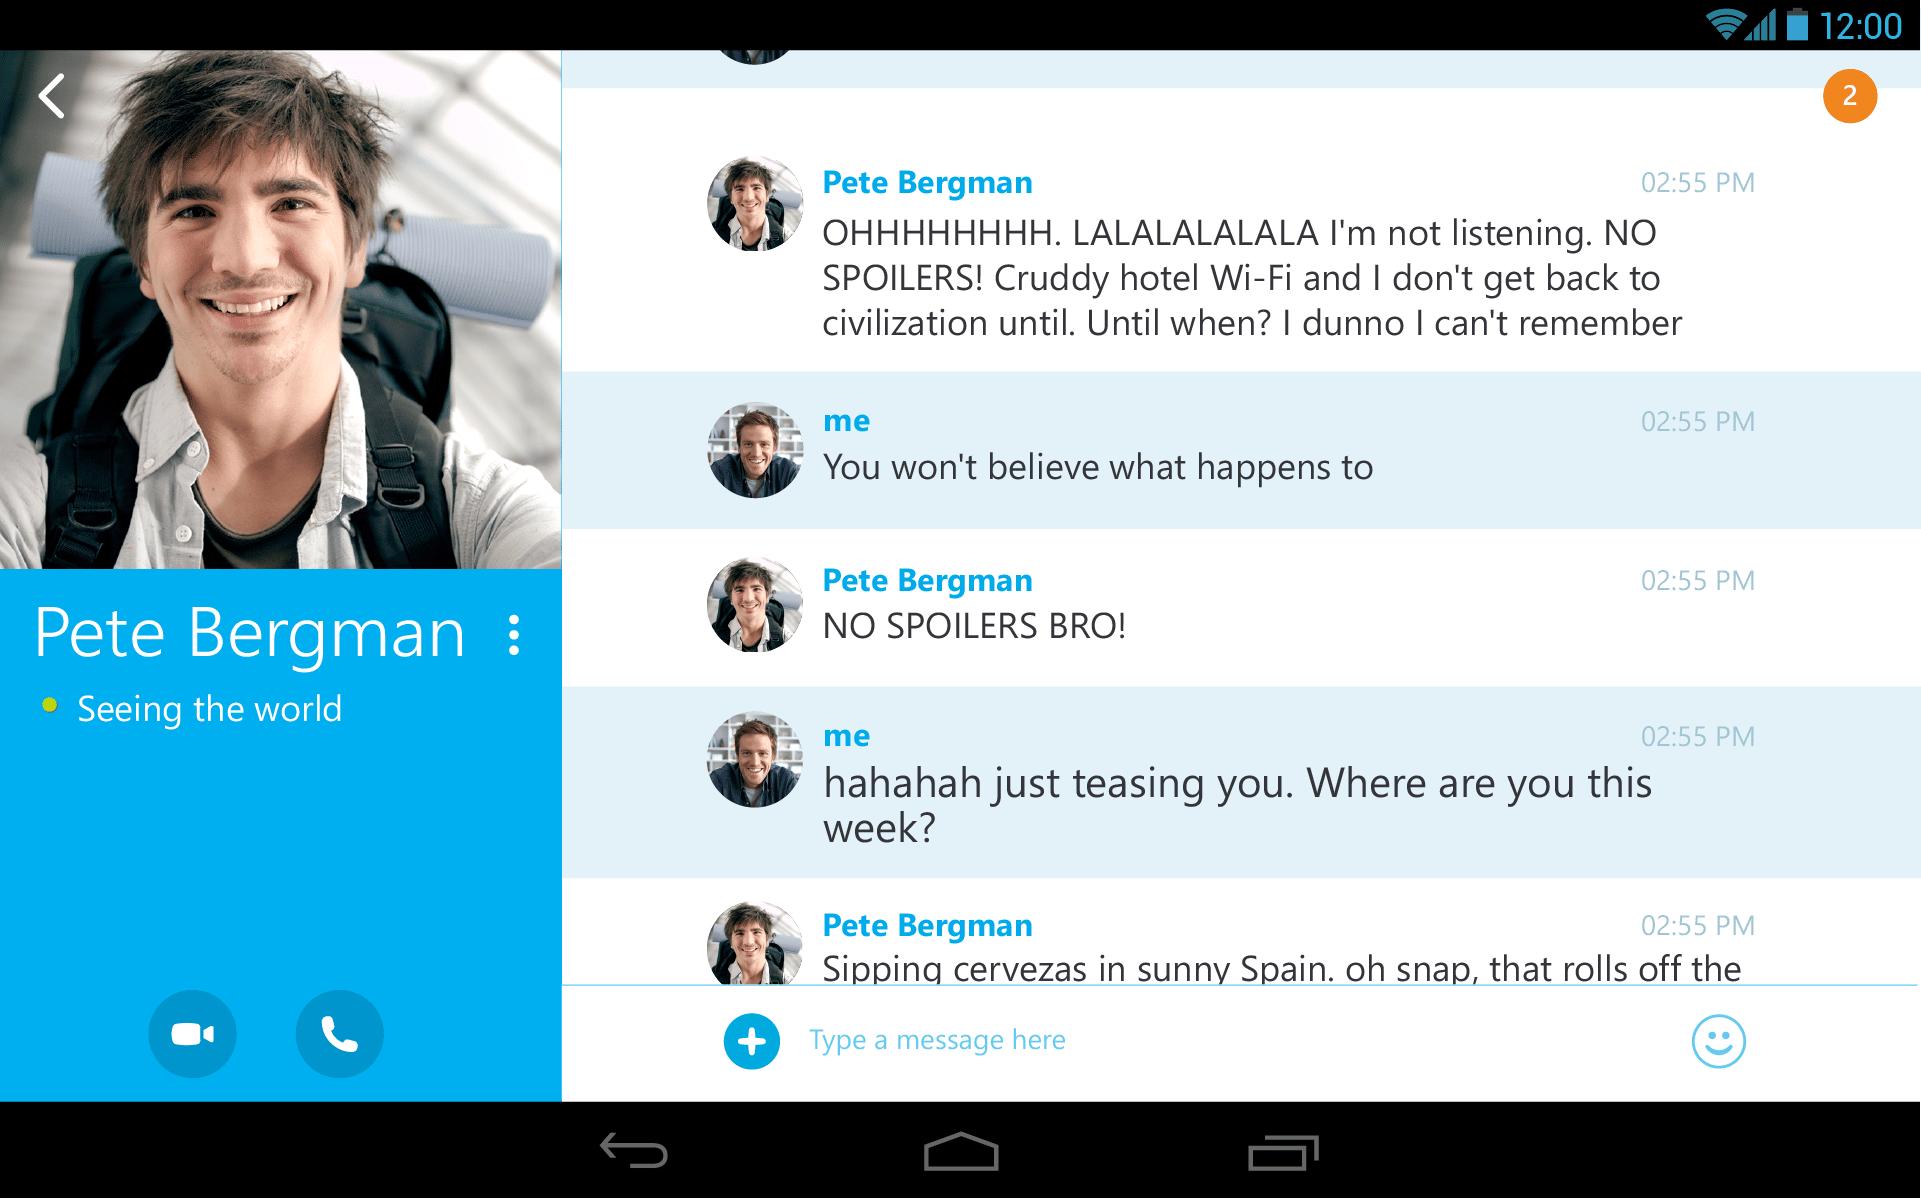 Nueva interfaz de Skype para tablets.